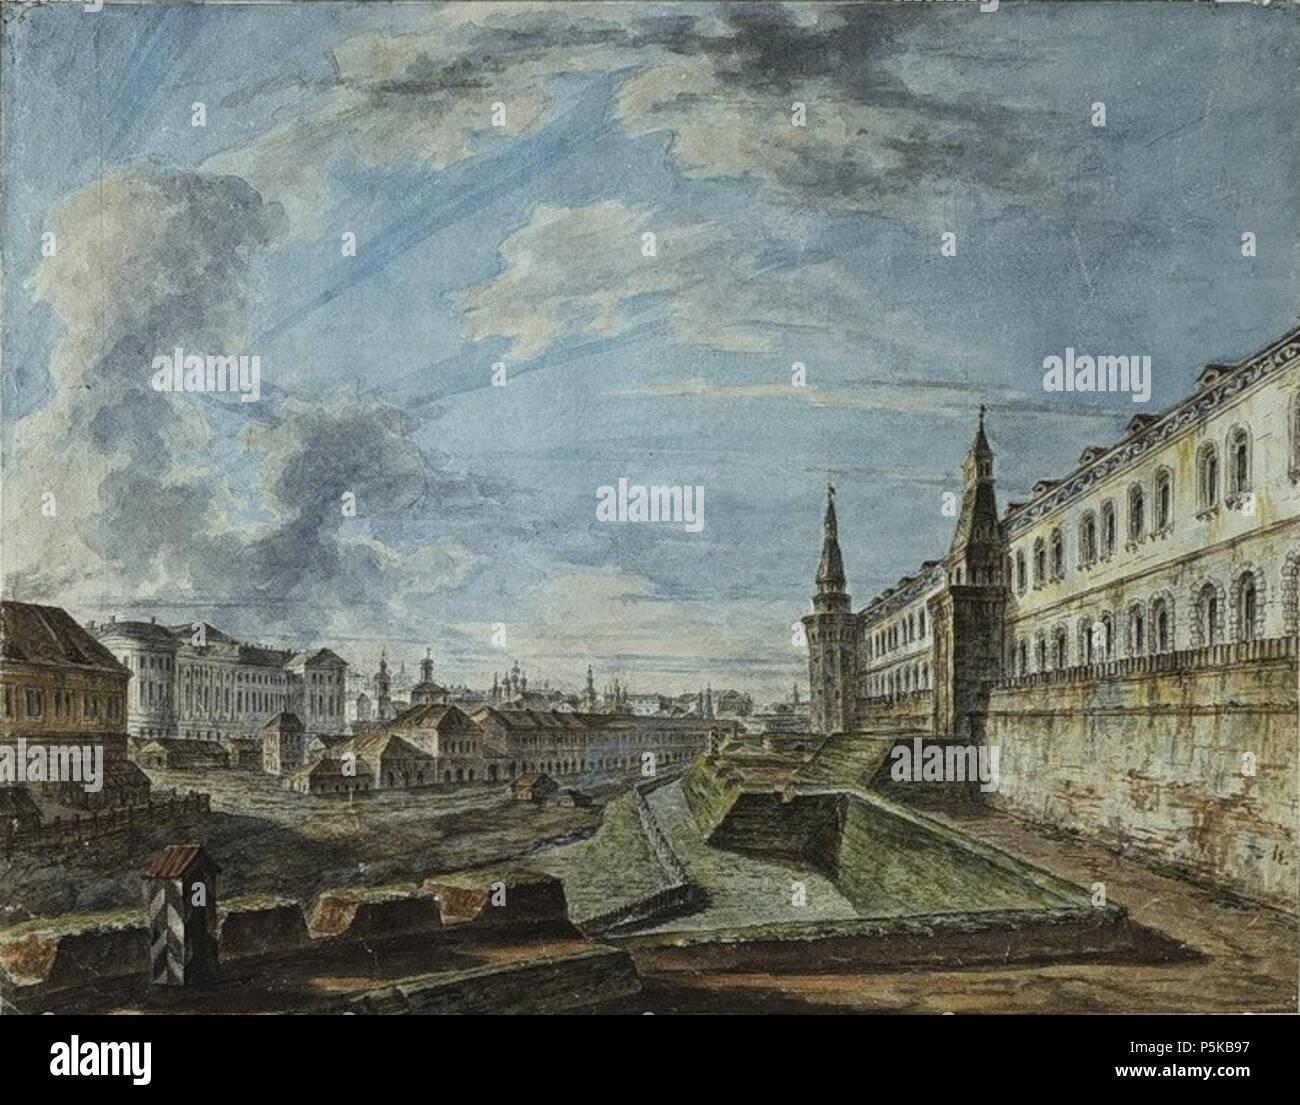 N/A  Artist : English: en: Fedor Alekseev Title : English